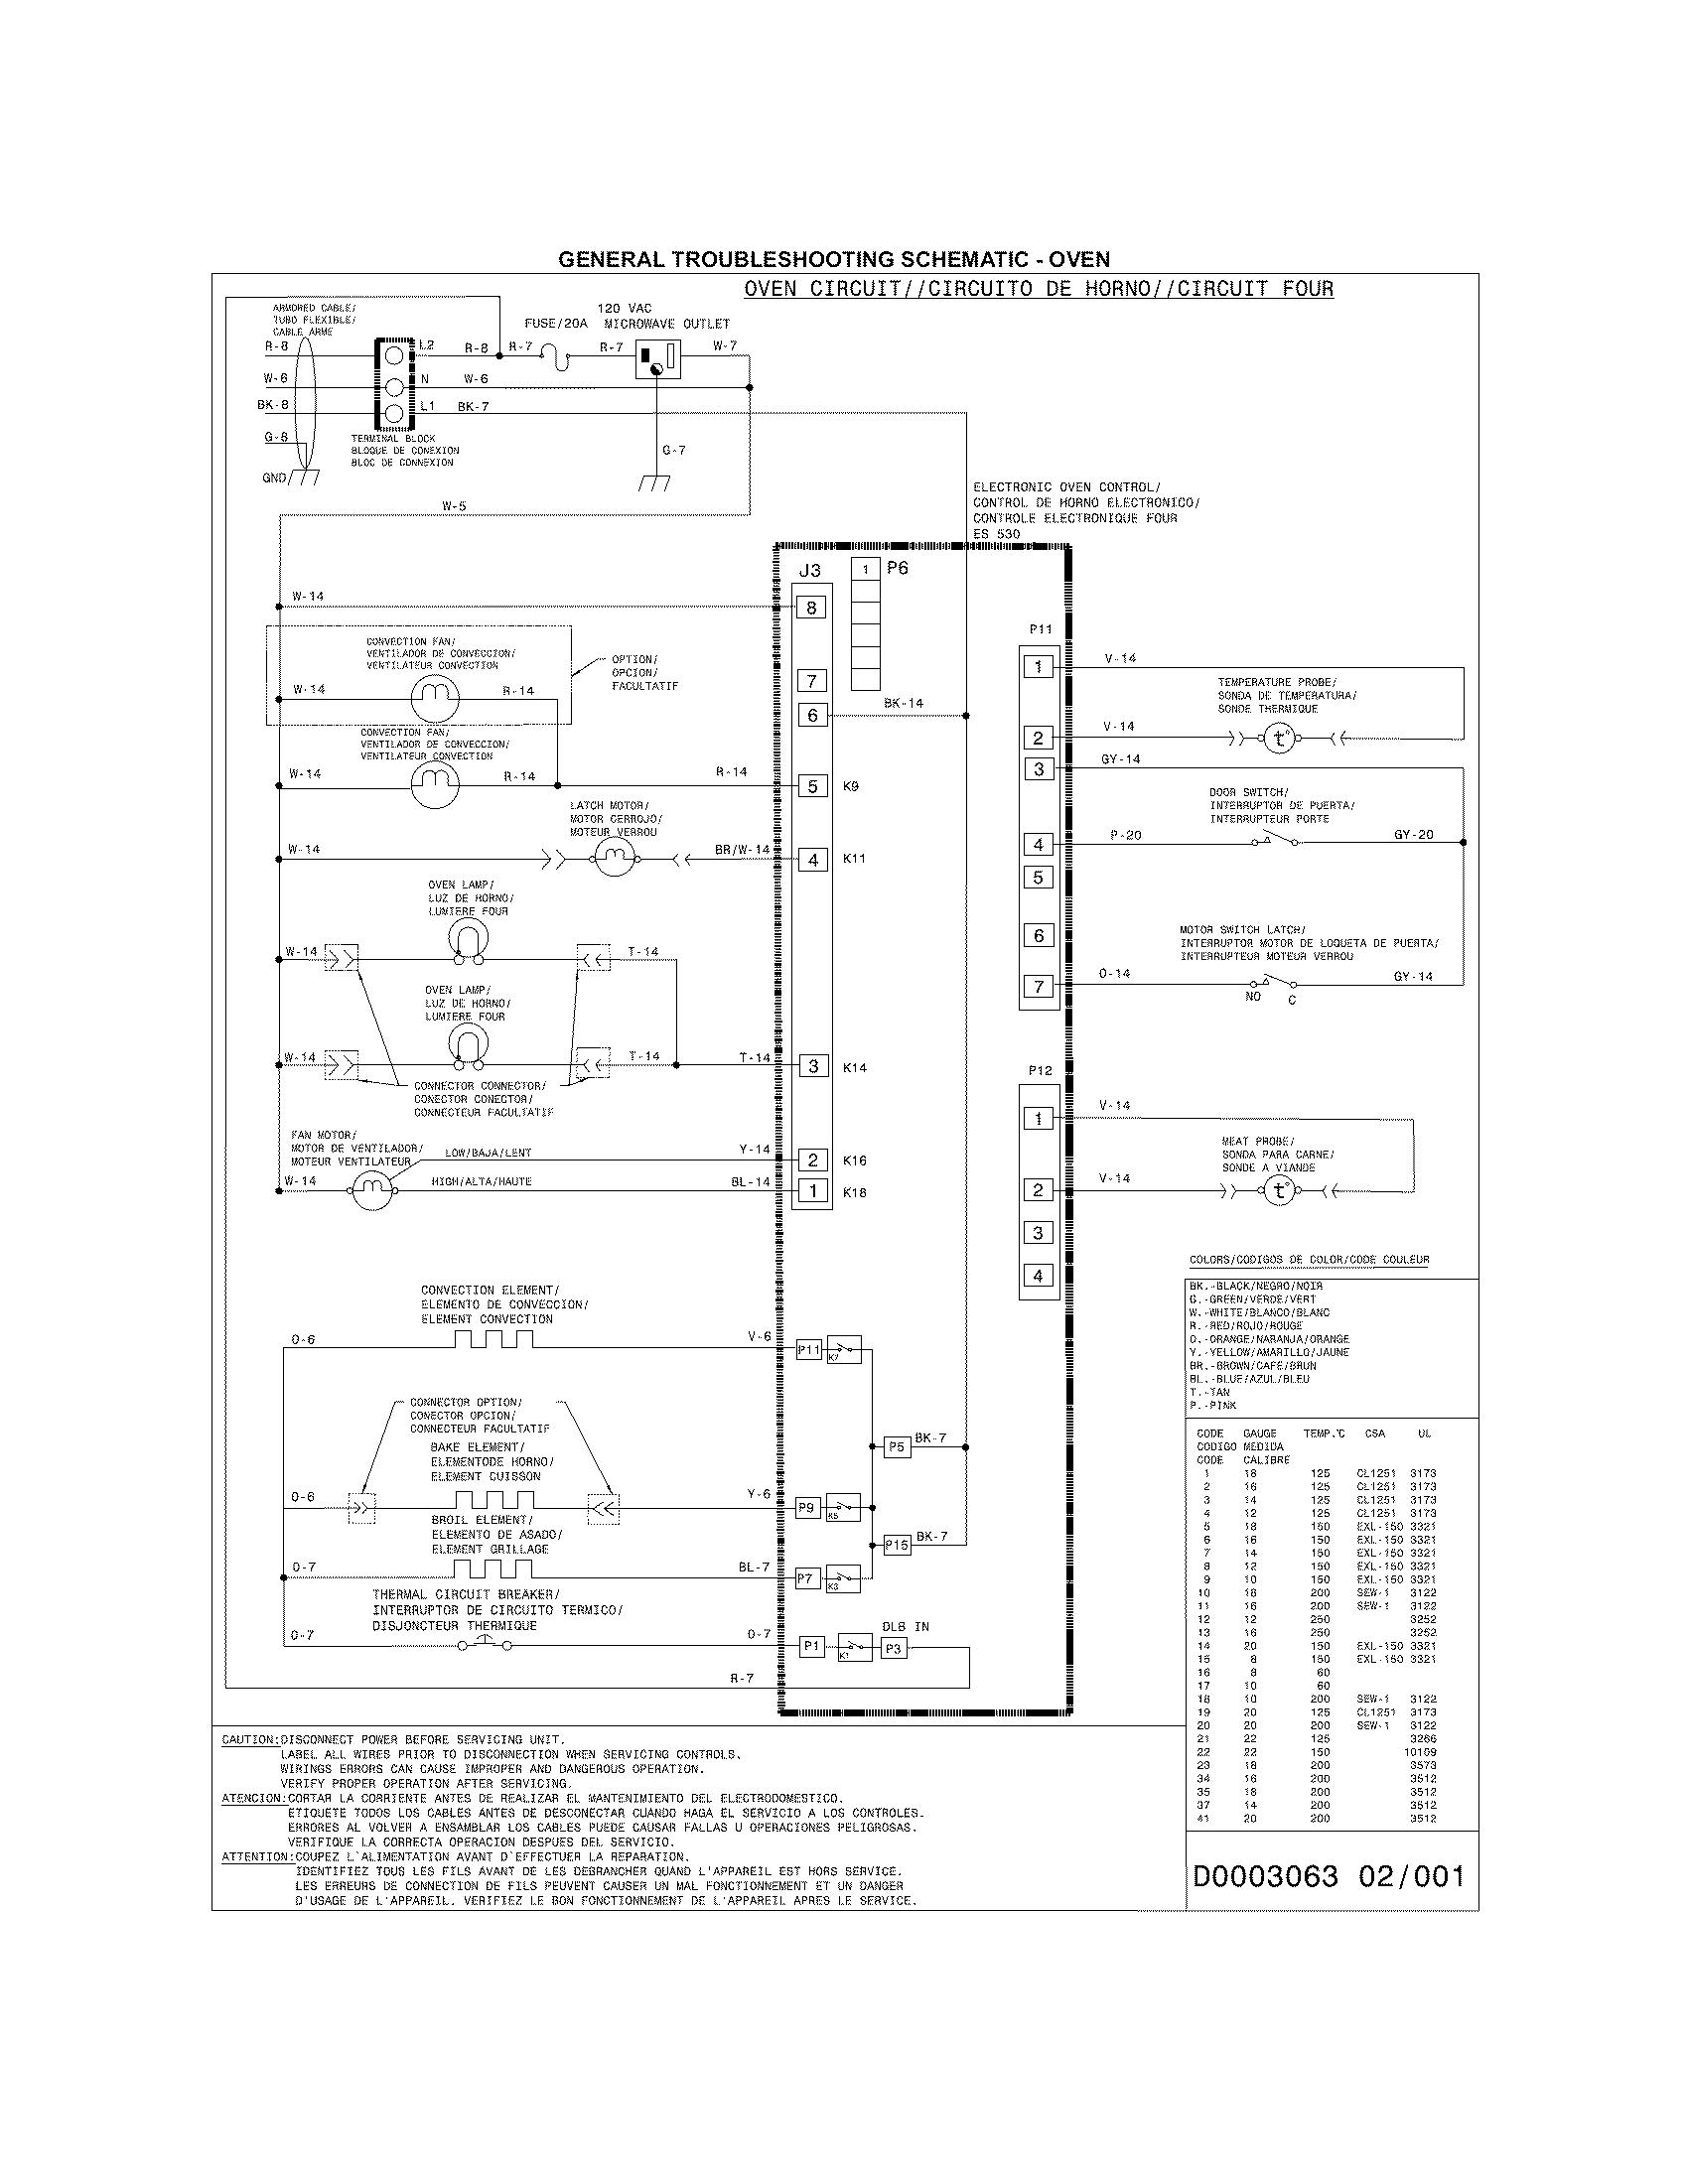 maytag wiring diagram for mdb7749awm2